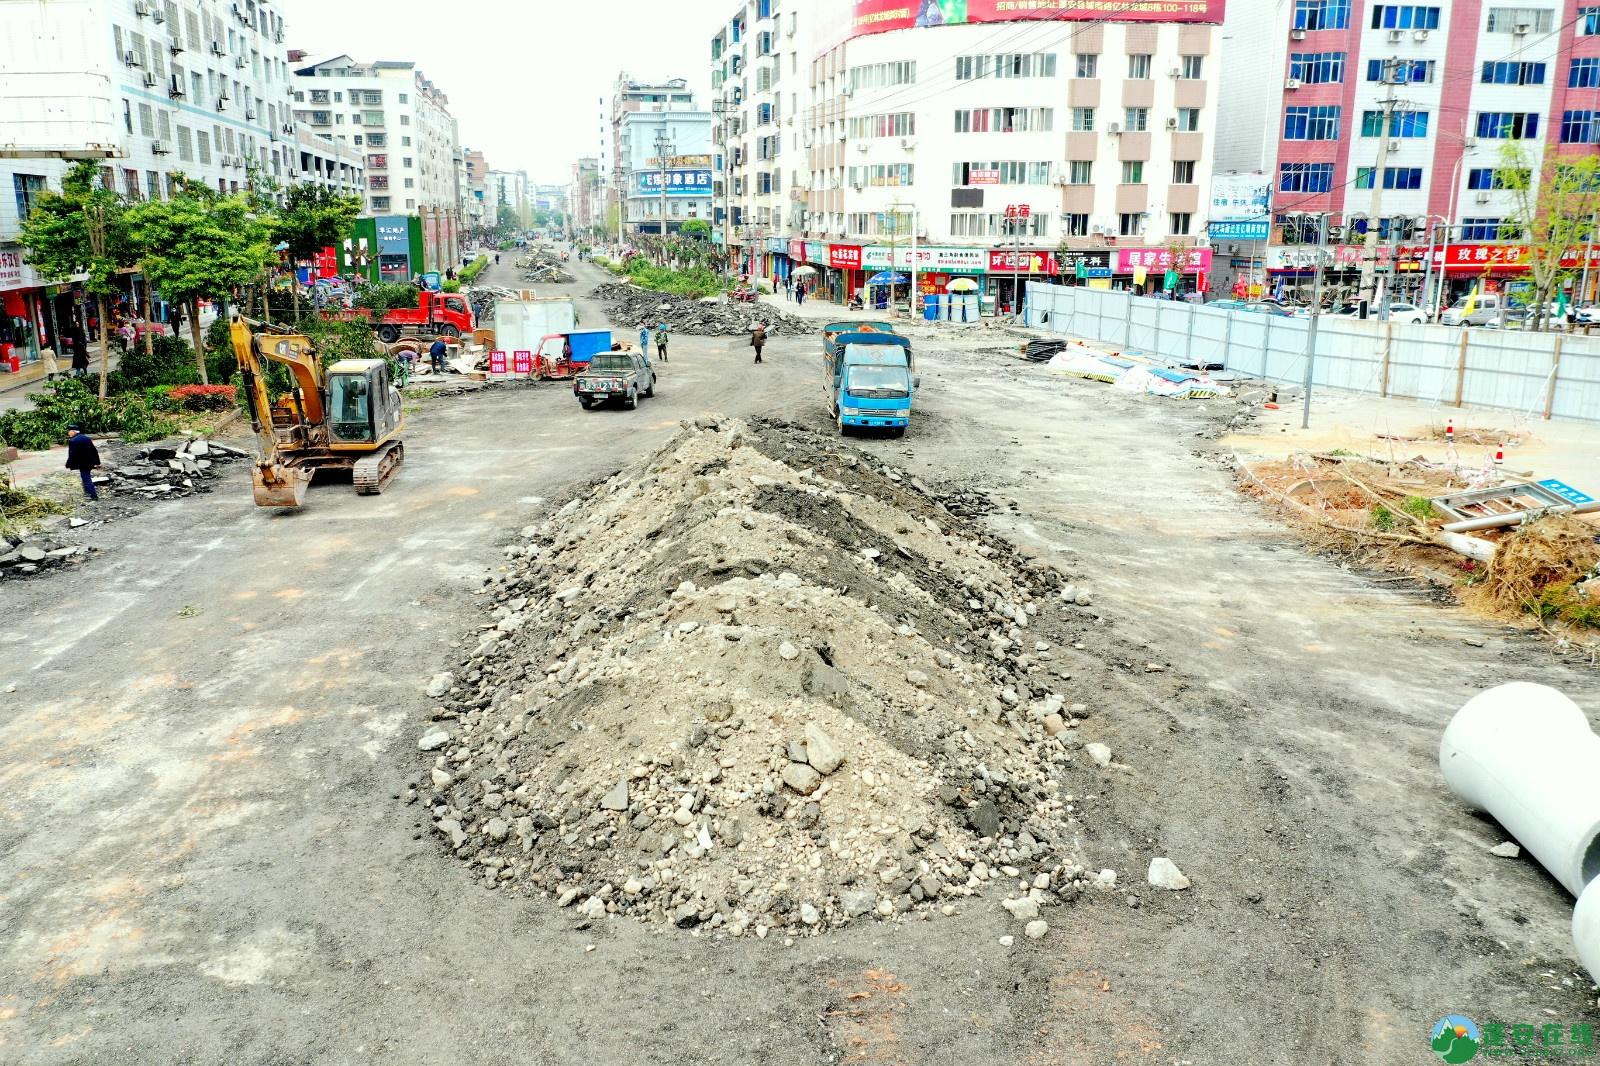 蓬安建设南路老旧街道小区美化改造(2020.3.22) - 第8张  | 蓬安在线